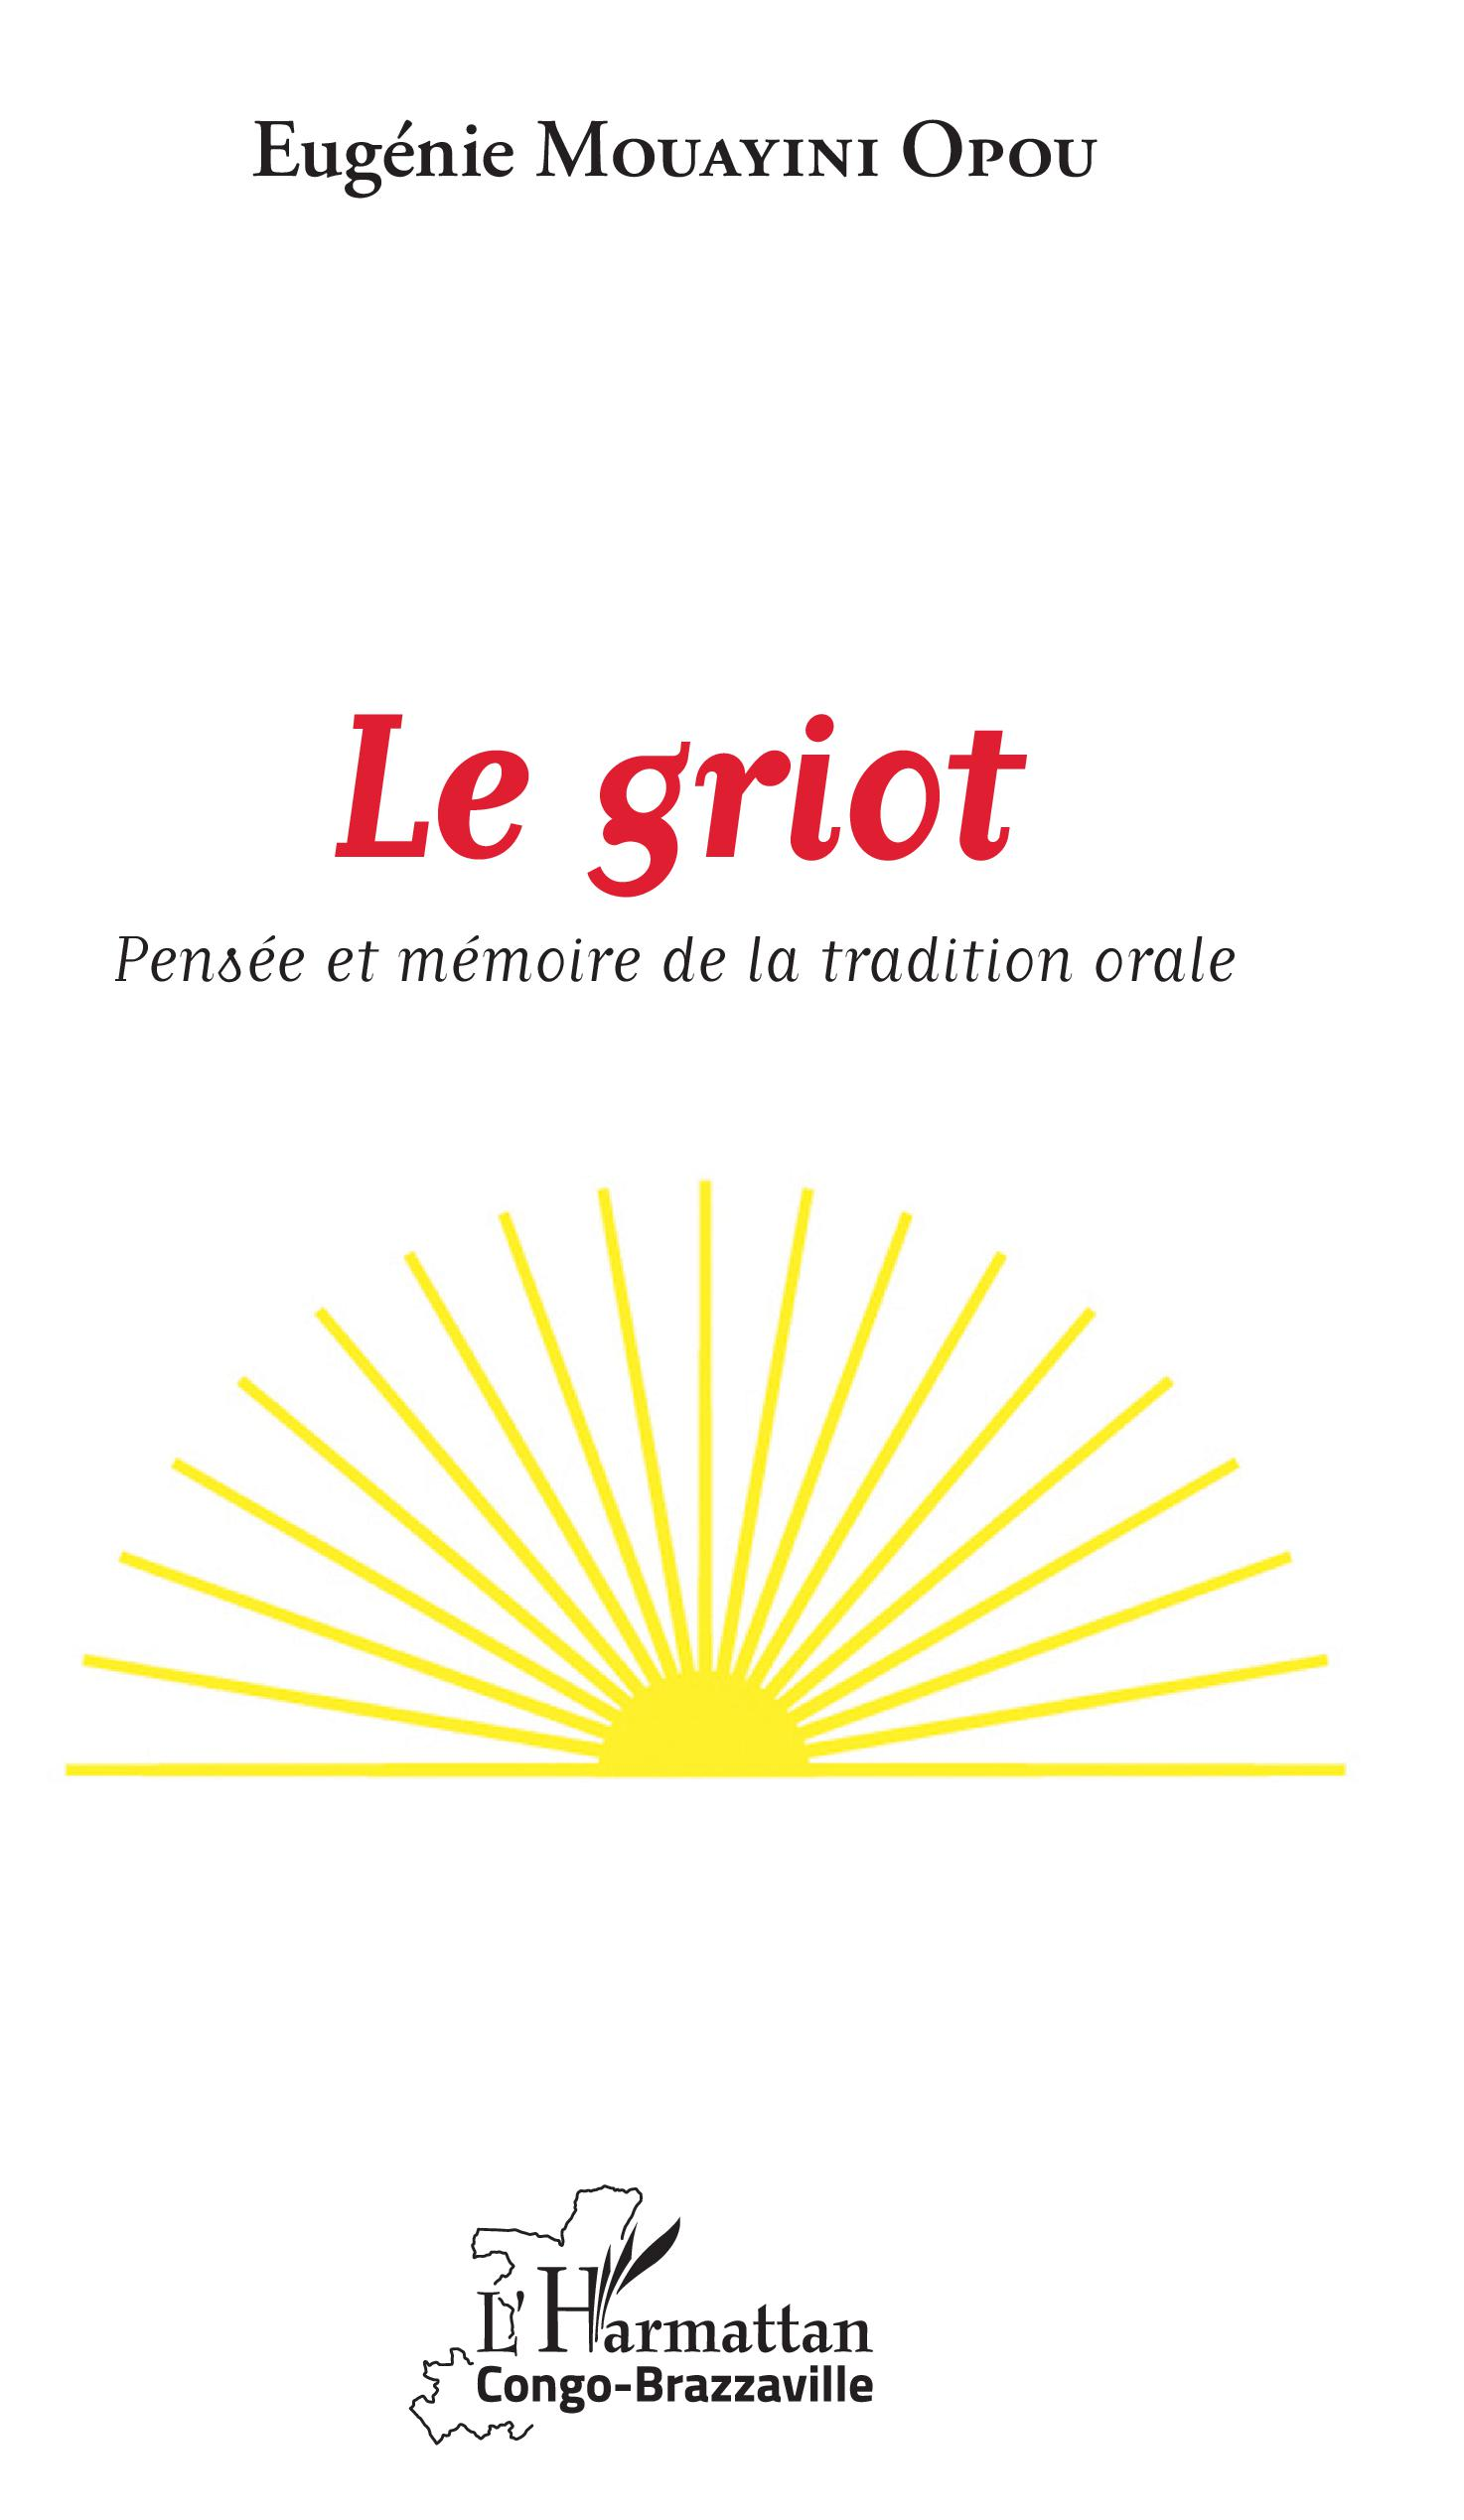 E. Mouayini Opou, Le Griot - Pensée et mémoire de la tradition orale